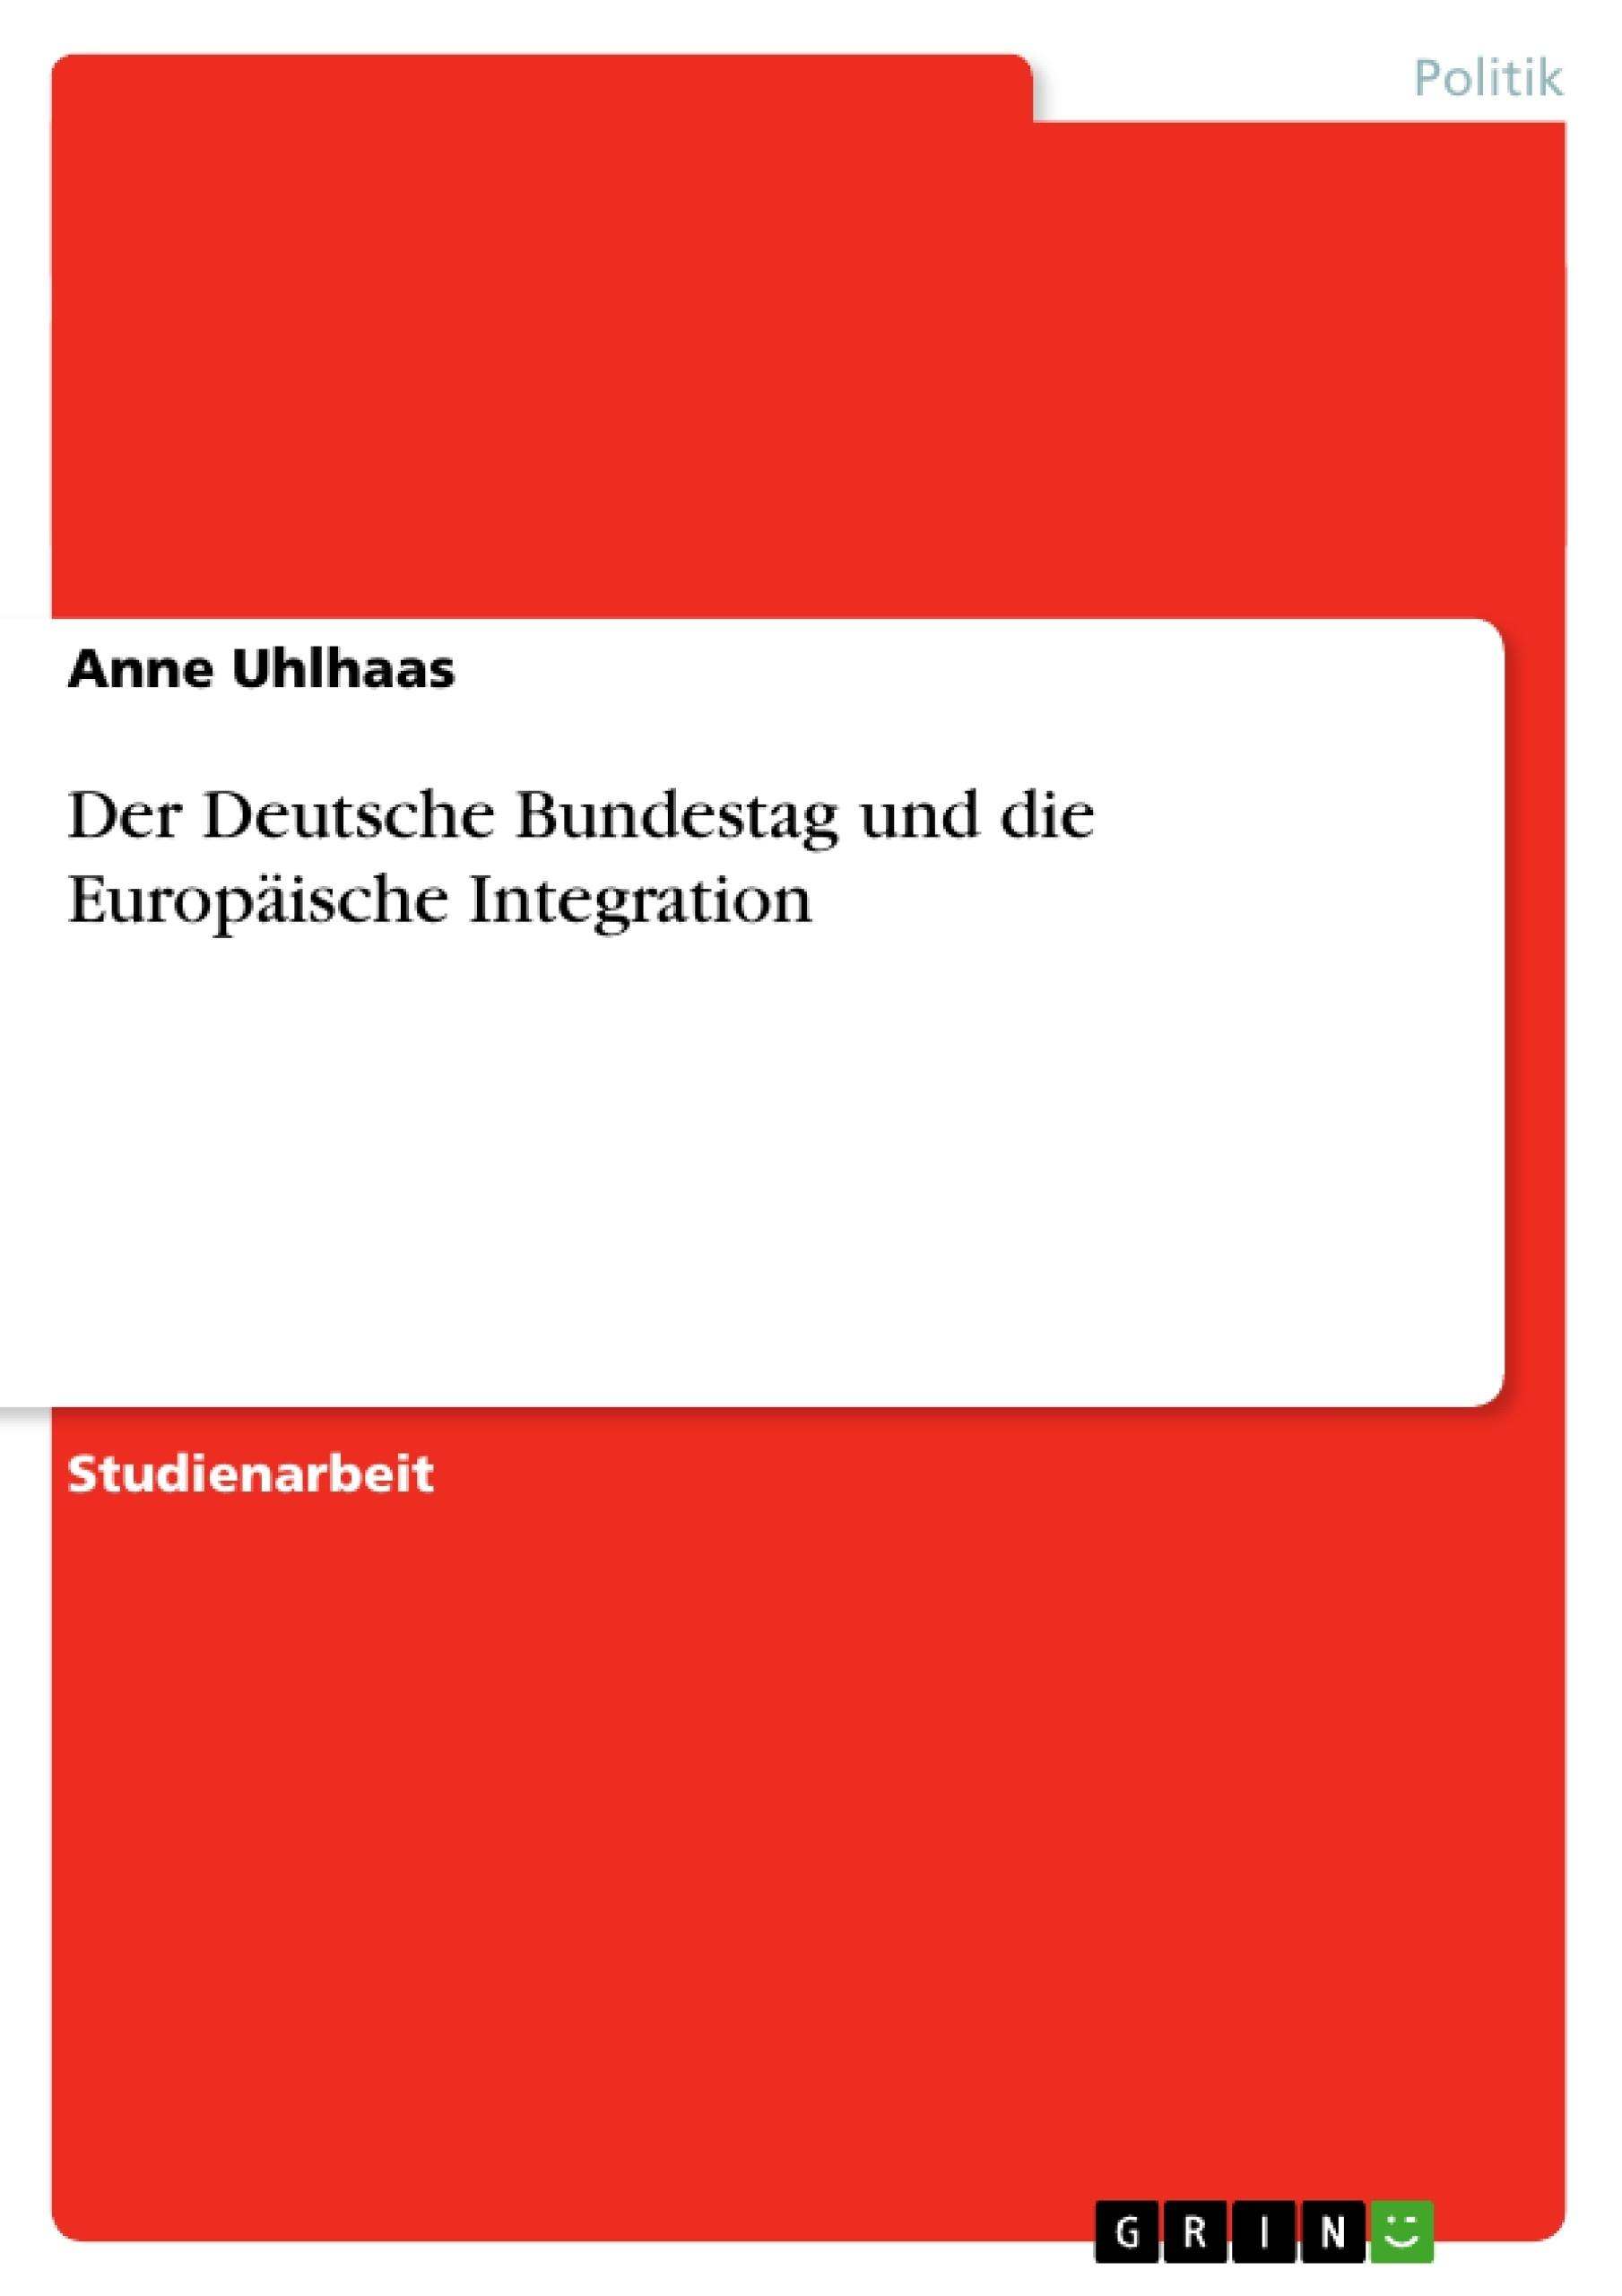 Titel: Der Deutsche Bundestag und die Europäische Integration